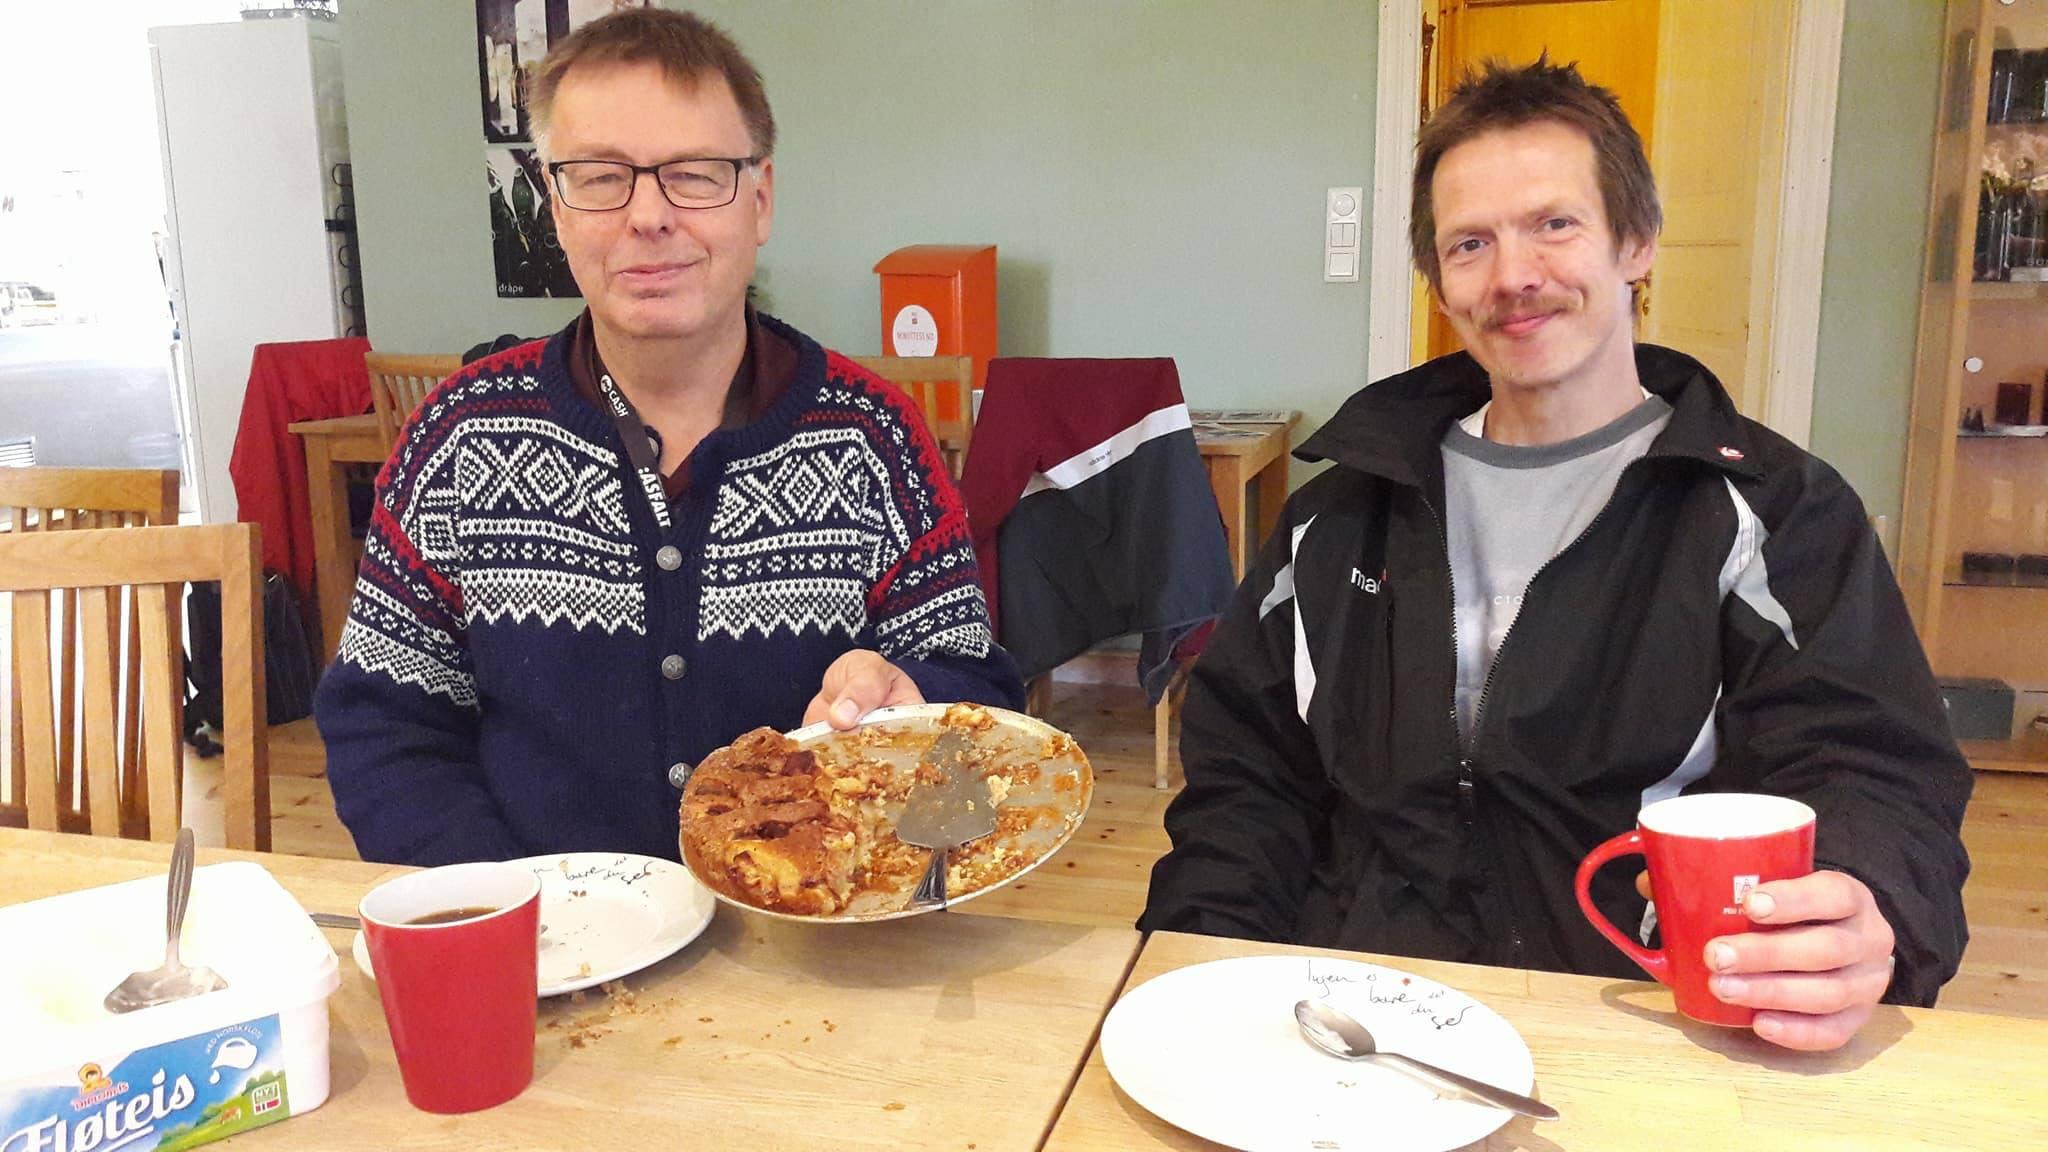 Roger Guttormsen (til høyre) er både Asfalt-selger, og er med ryddegjengen. Begge tiltakene blir drevet av tiåringen «I Jobb». Knut Ekroll til venstre er frivillig og bidrar gjerne med hjemmebakt eplekake under pausene.